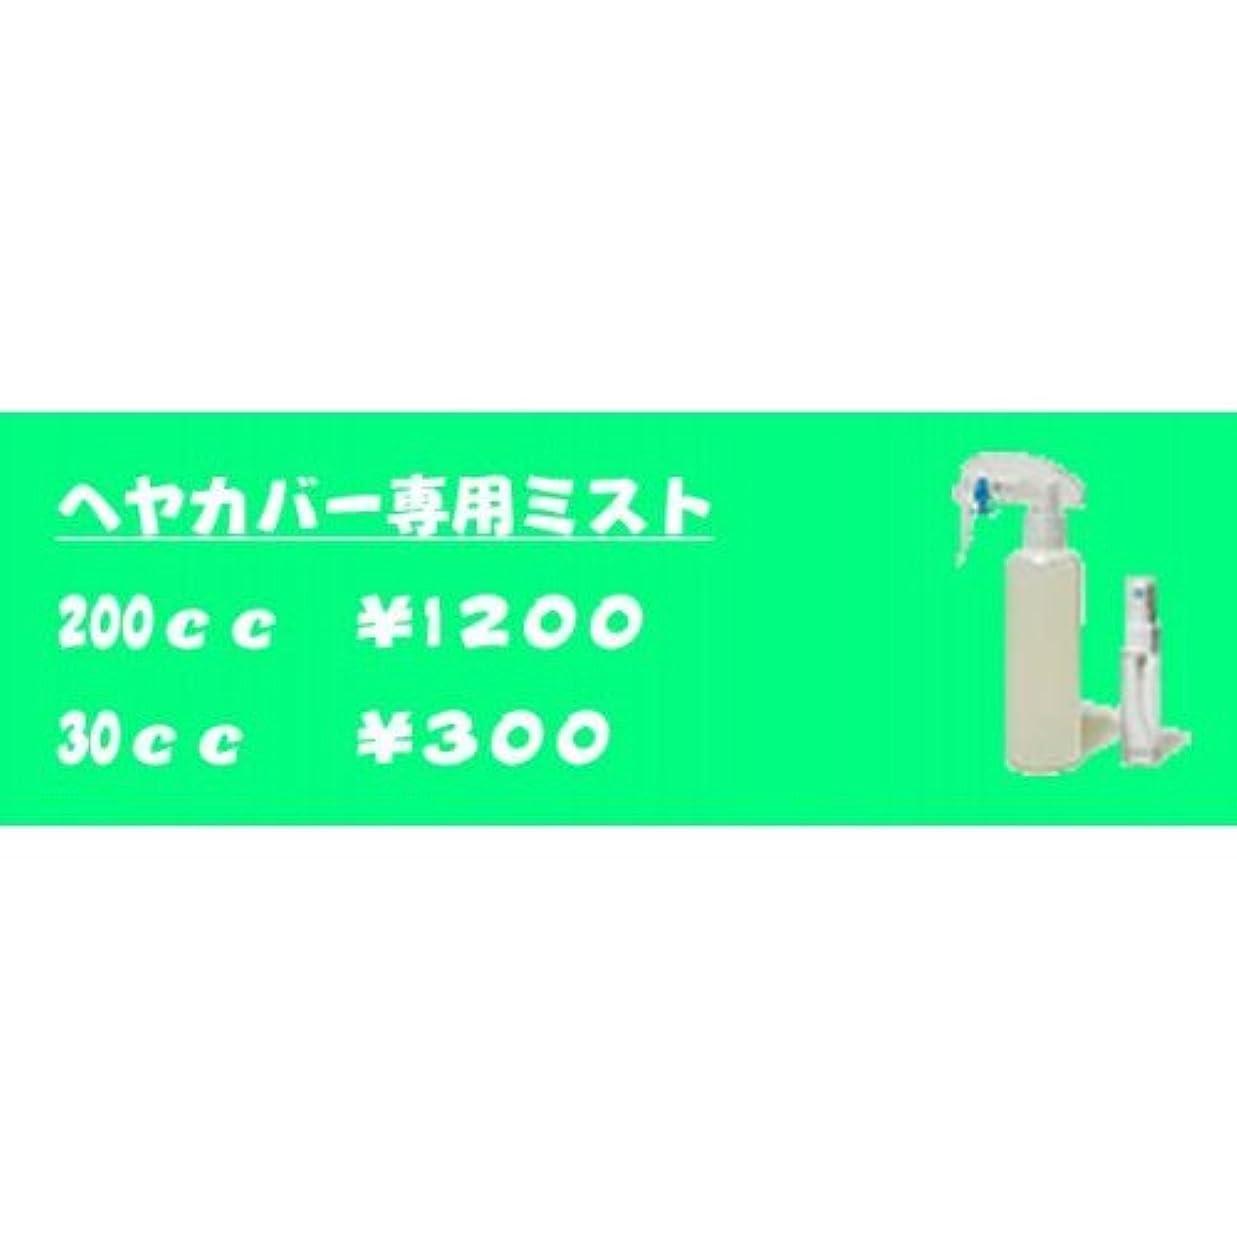 忠実暴露ブロー男女兼用?増毛ヘアカバー専用ミスト(200cc)